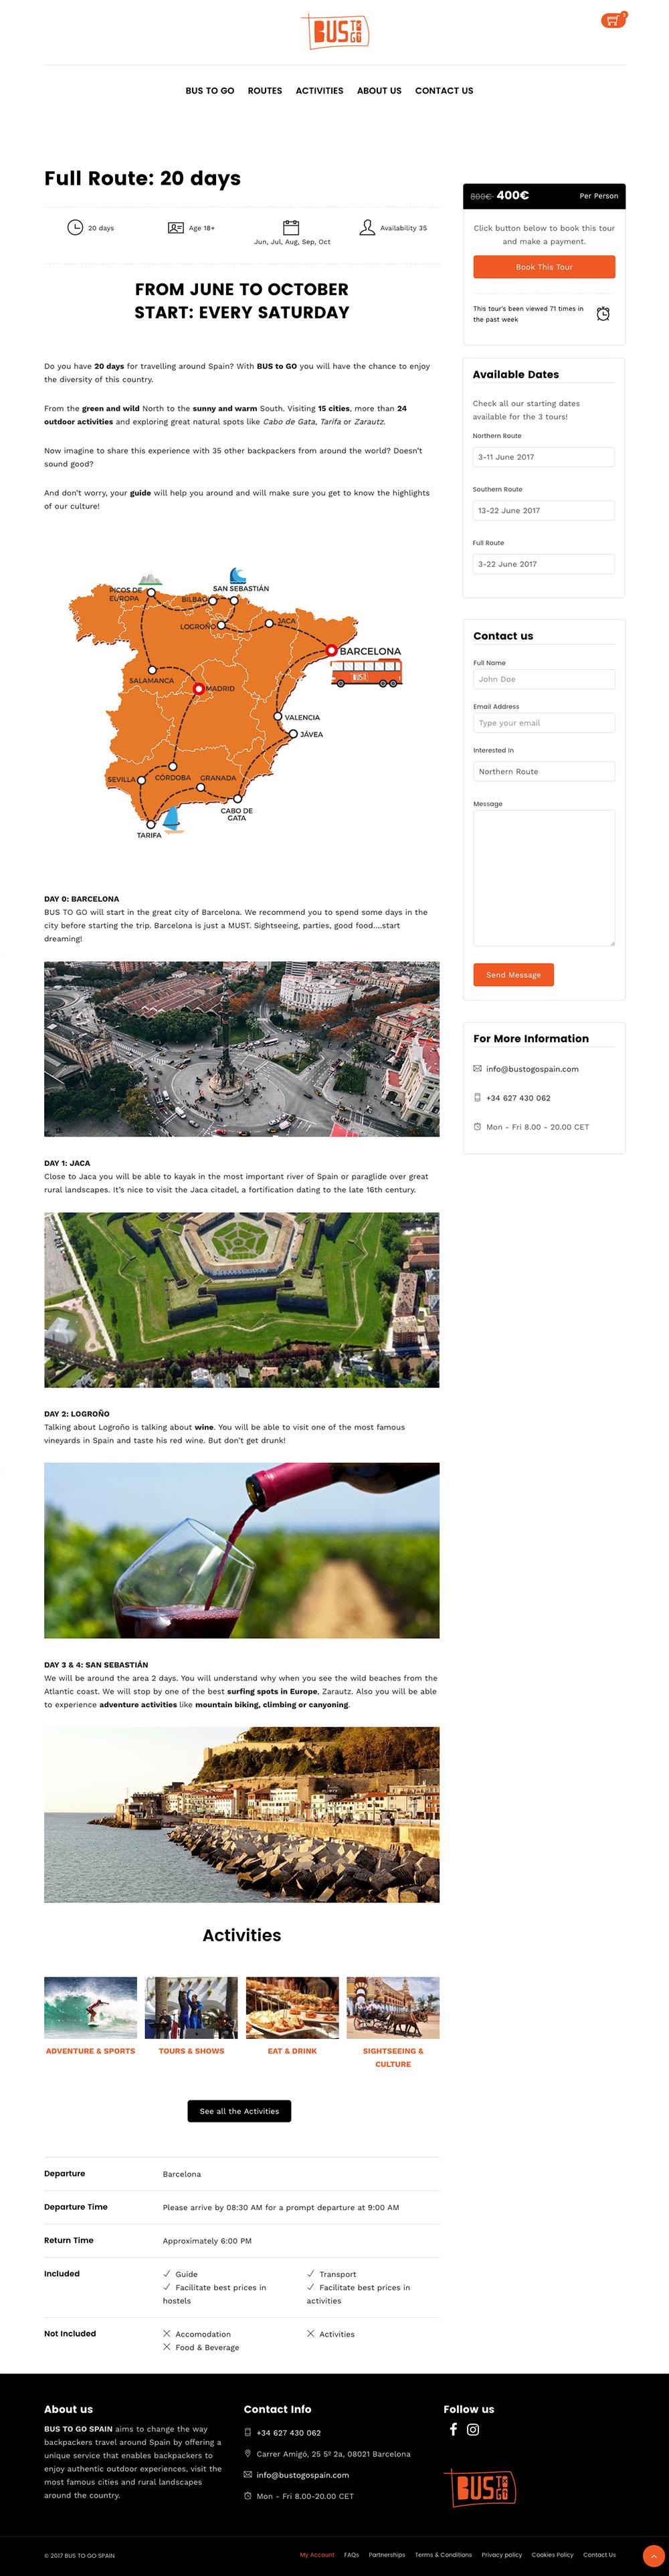 Bus to go Spain - Agencia de viajes - Website